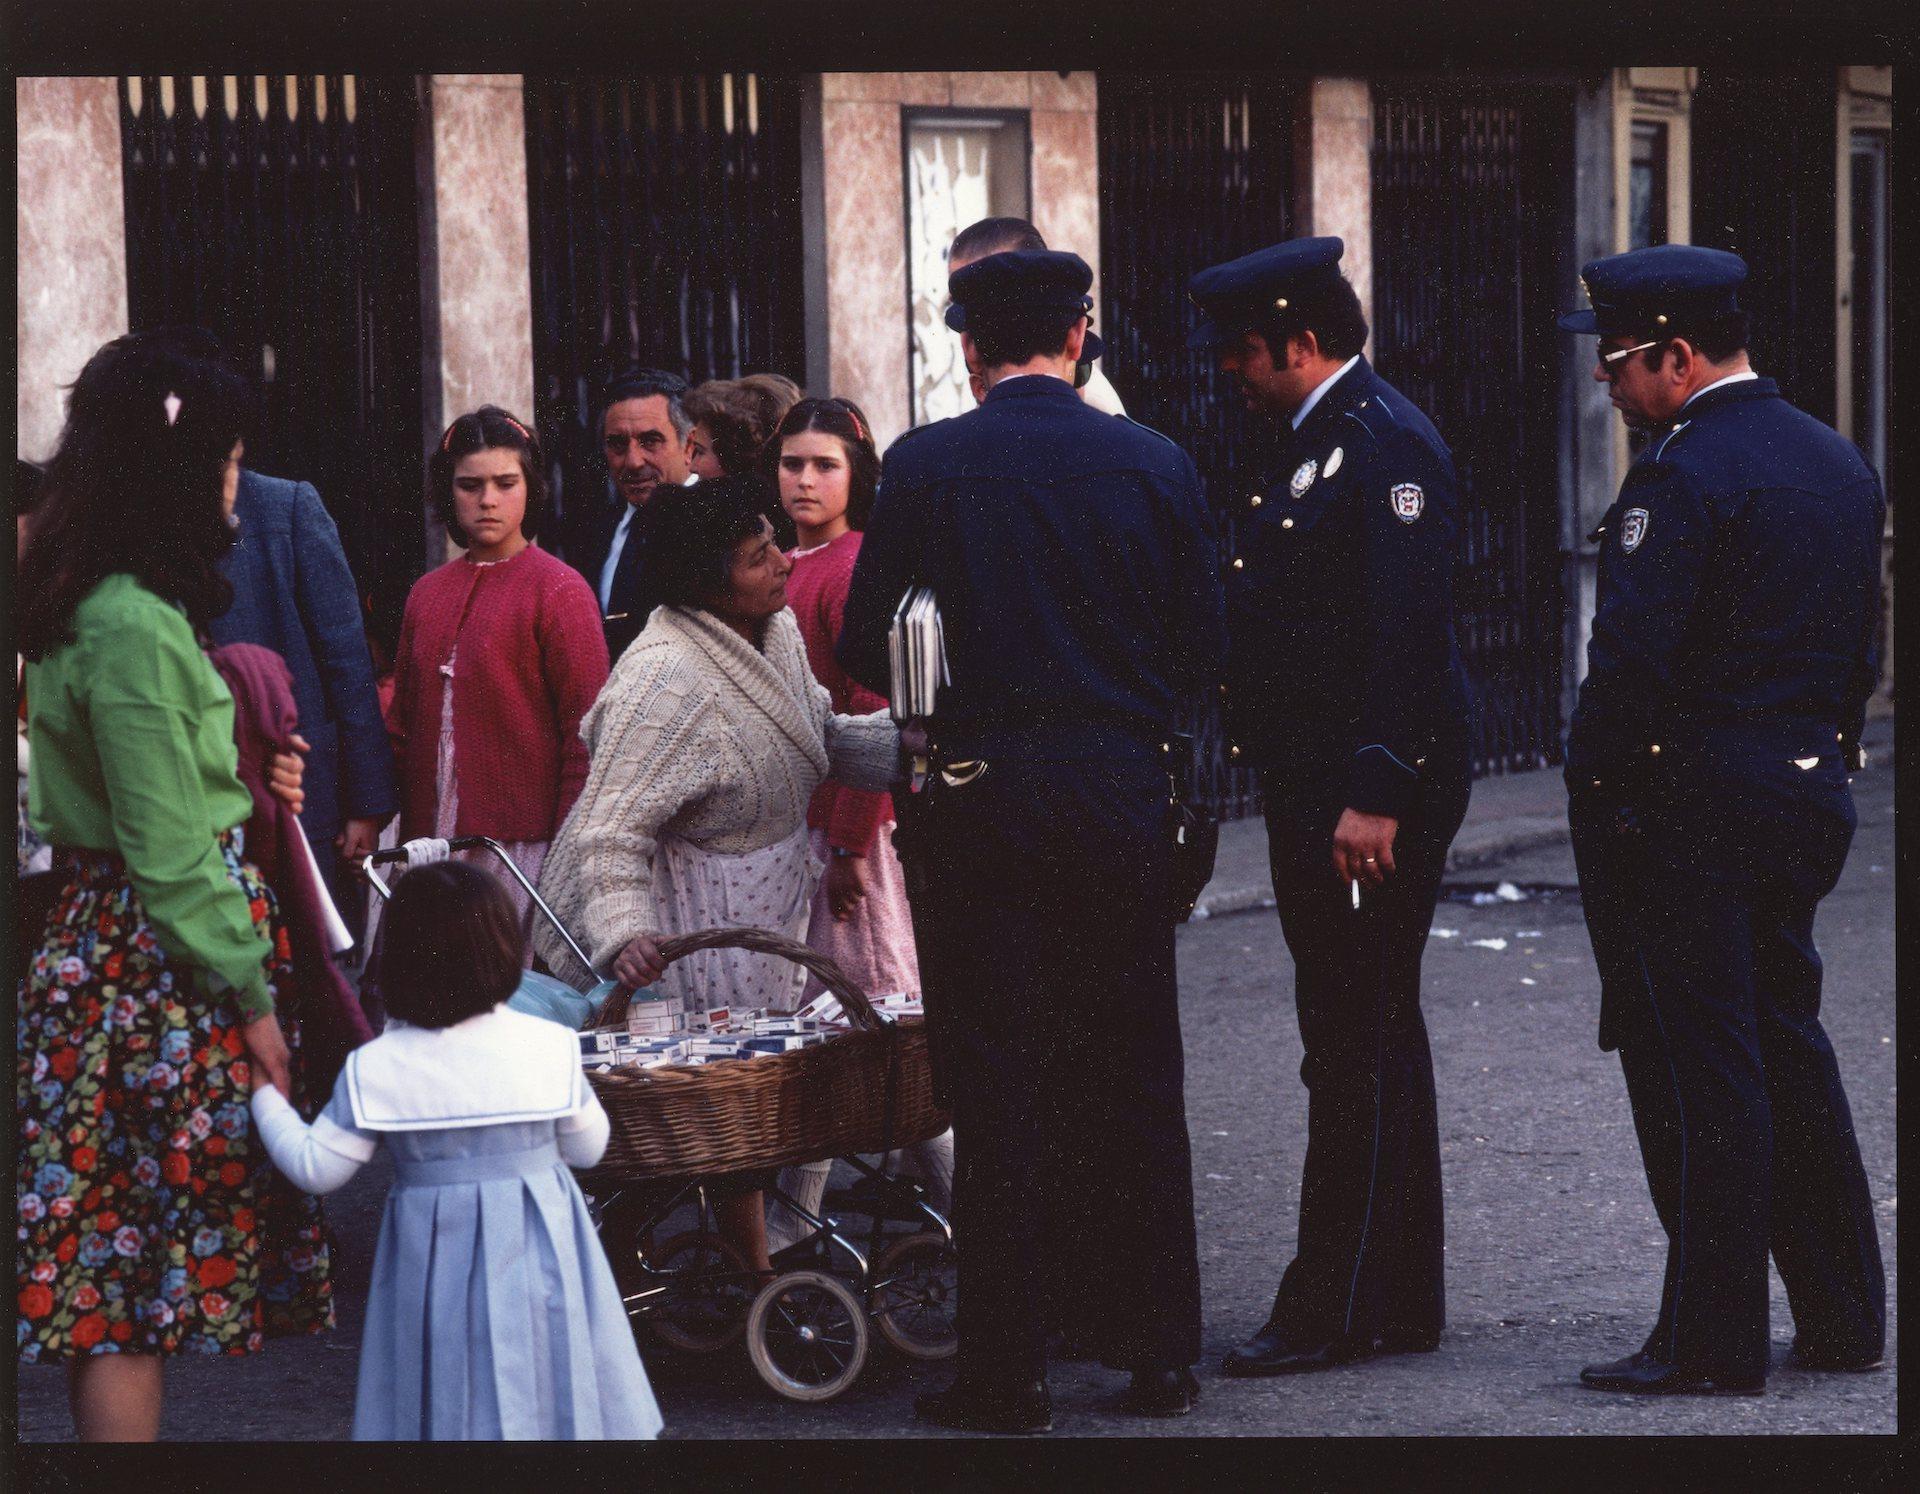 <center>CALLE SERPIENTES, SEVILLA, SPAIN - CONTRABAND</center>